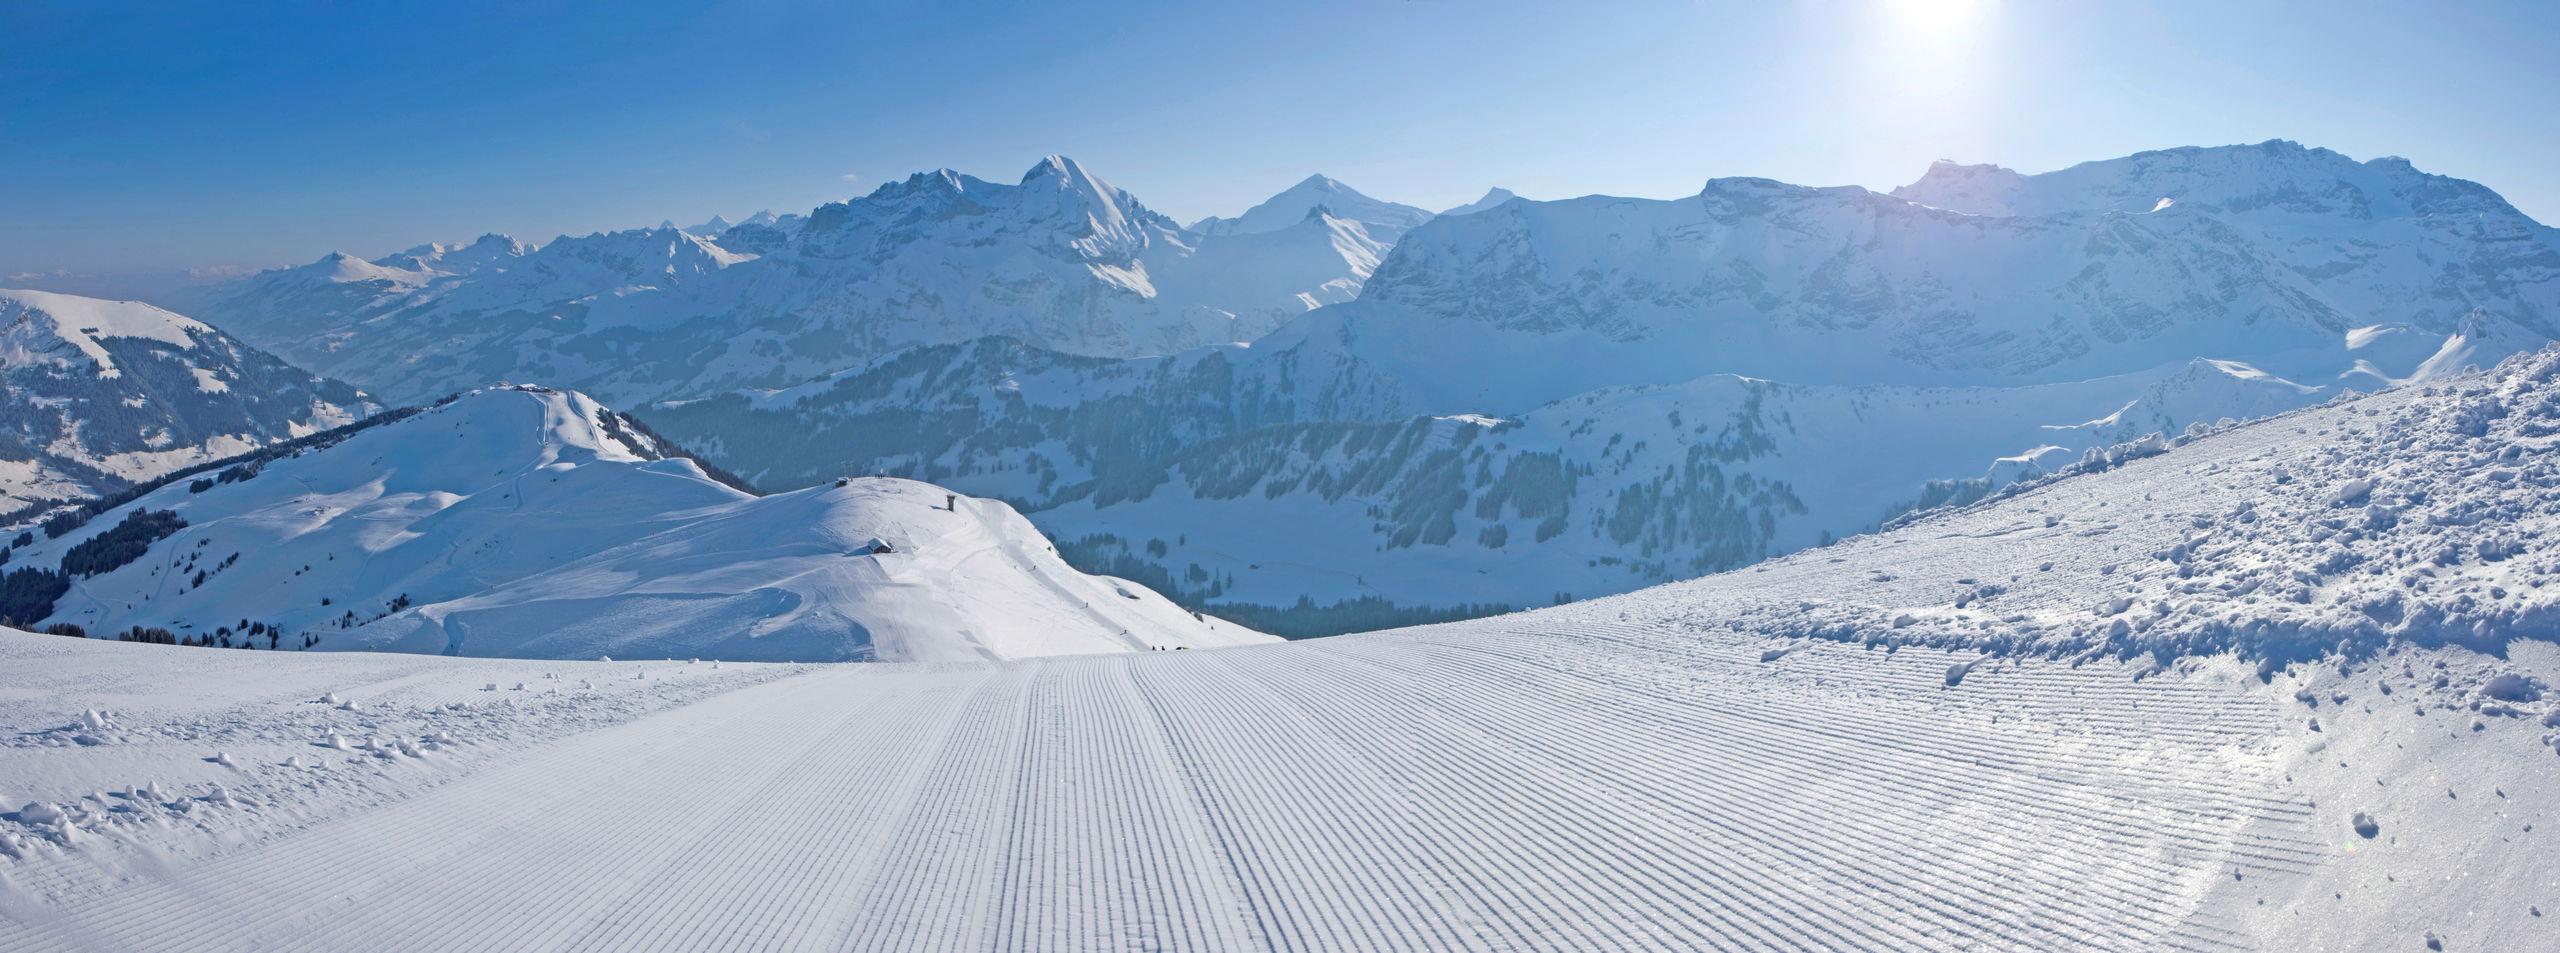 Skipiste Adelboden Berner Oberland